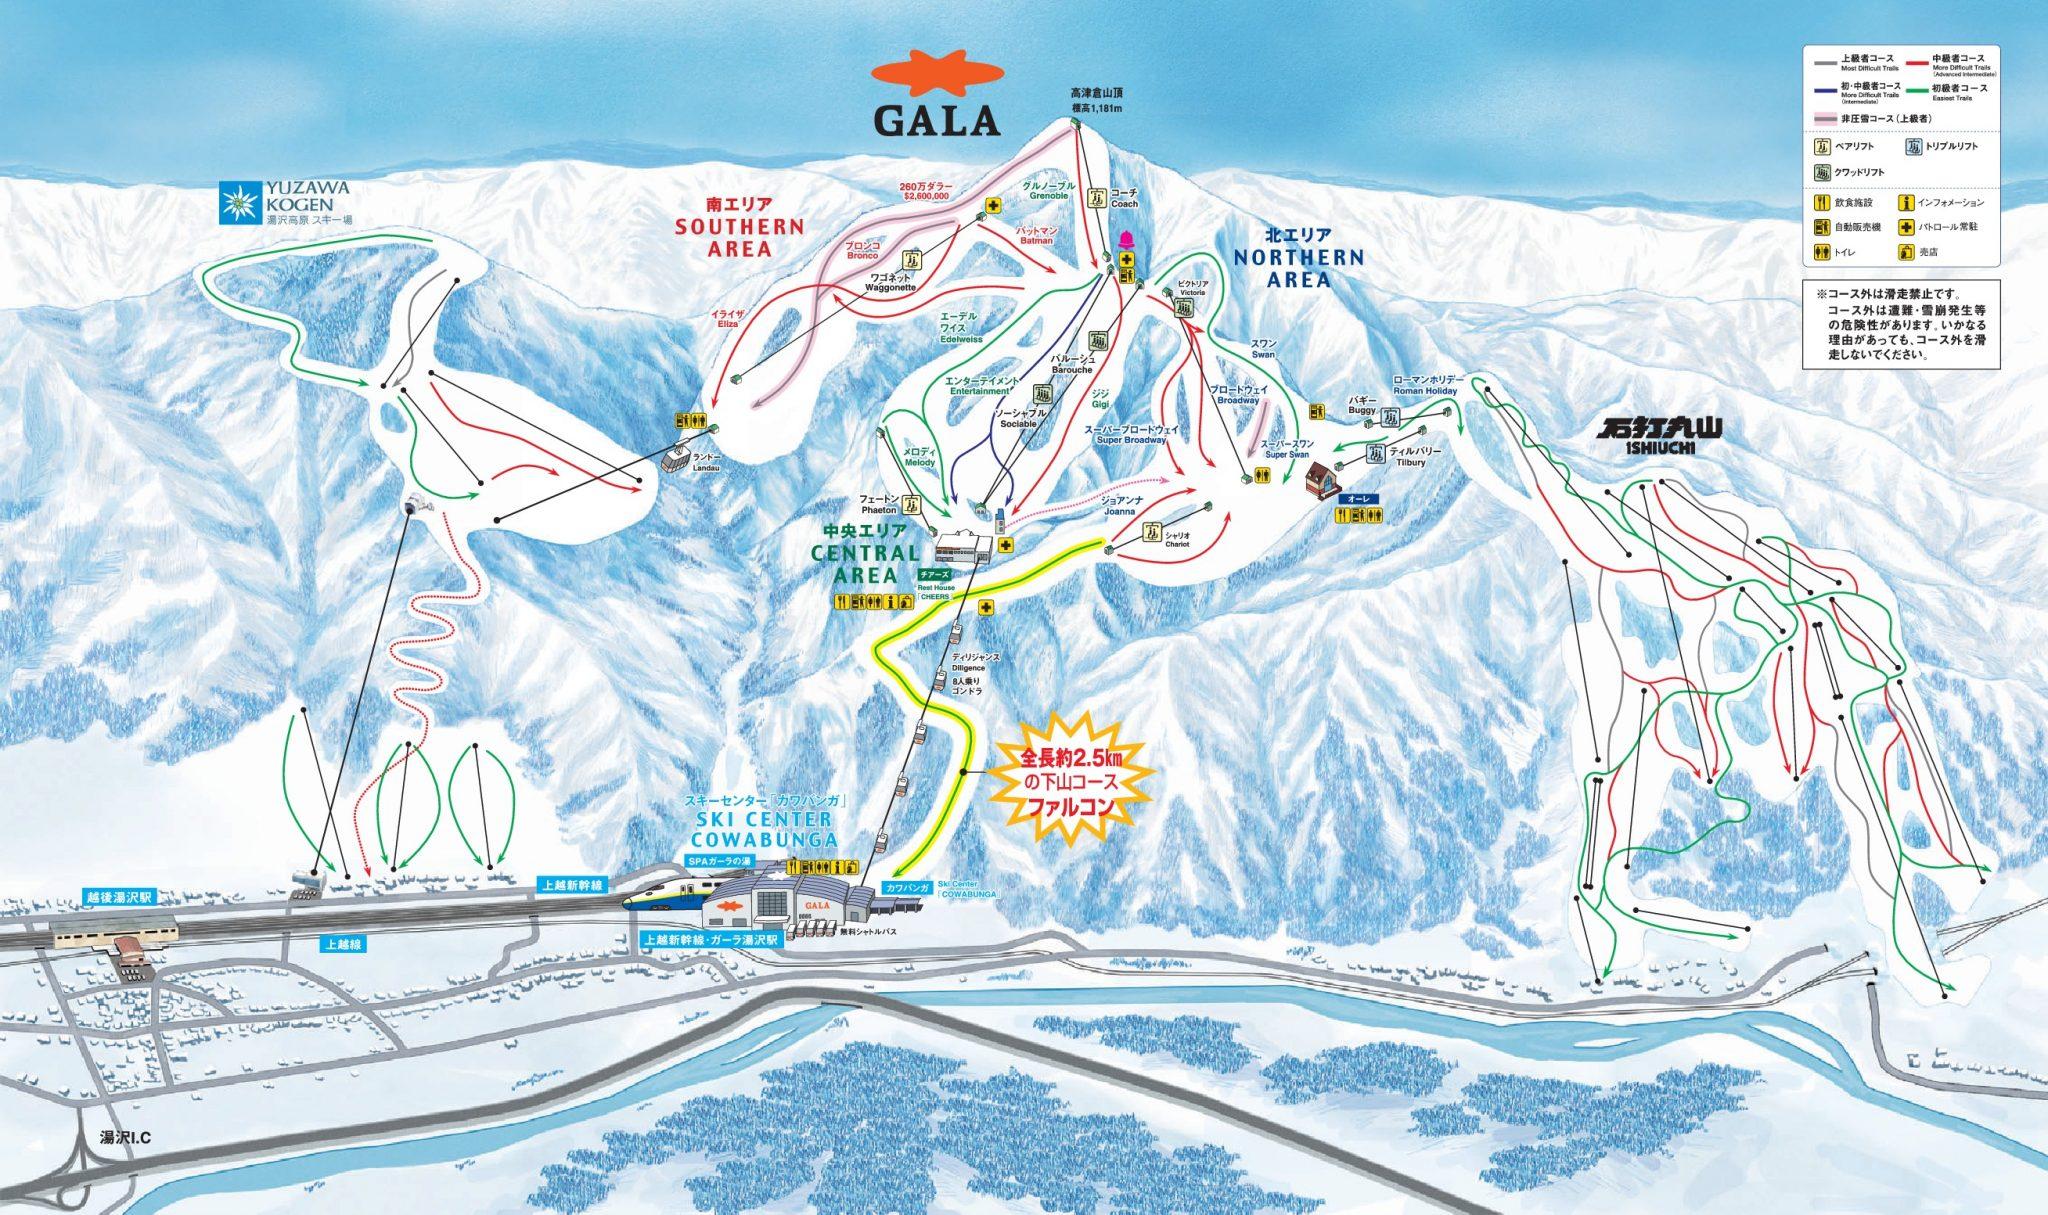 ski di gala yuzawa niigata jepang